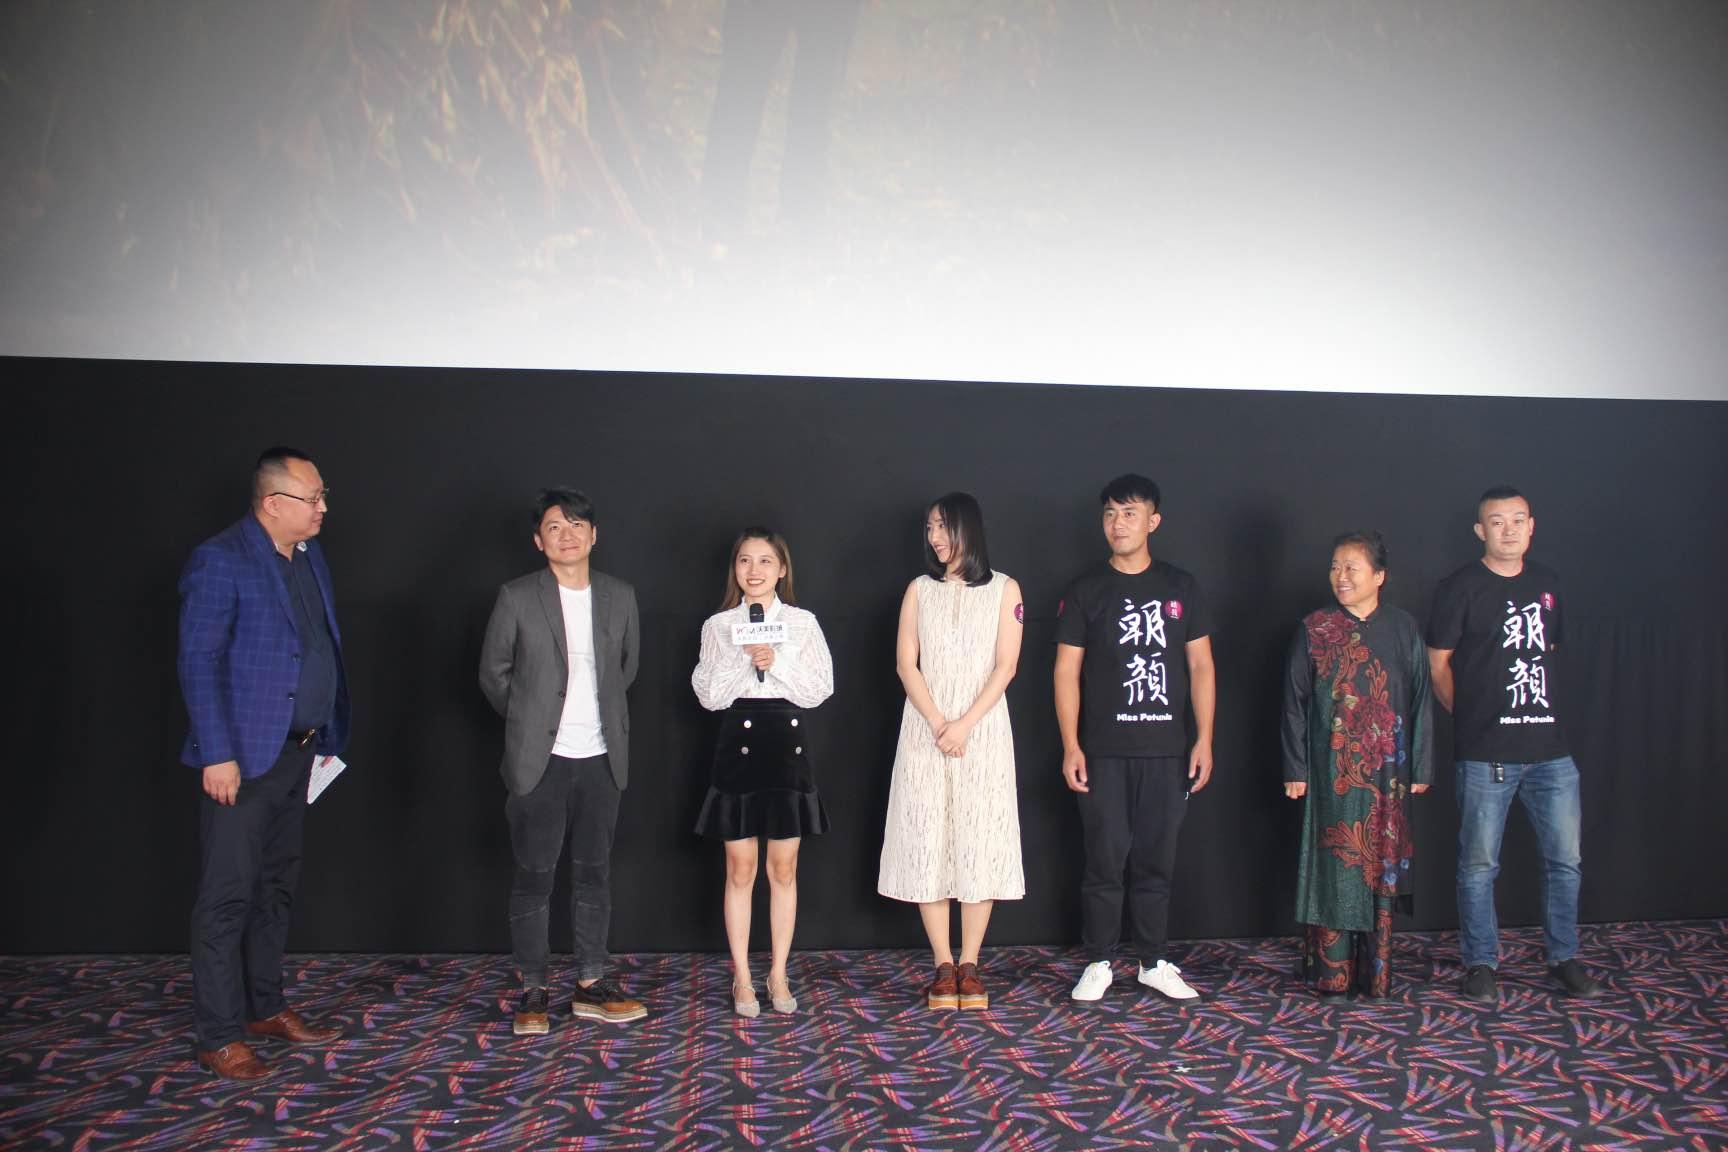 《朝颜》首映礼获赞  众人齐聚为女性电影佳作喝彩